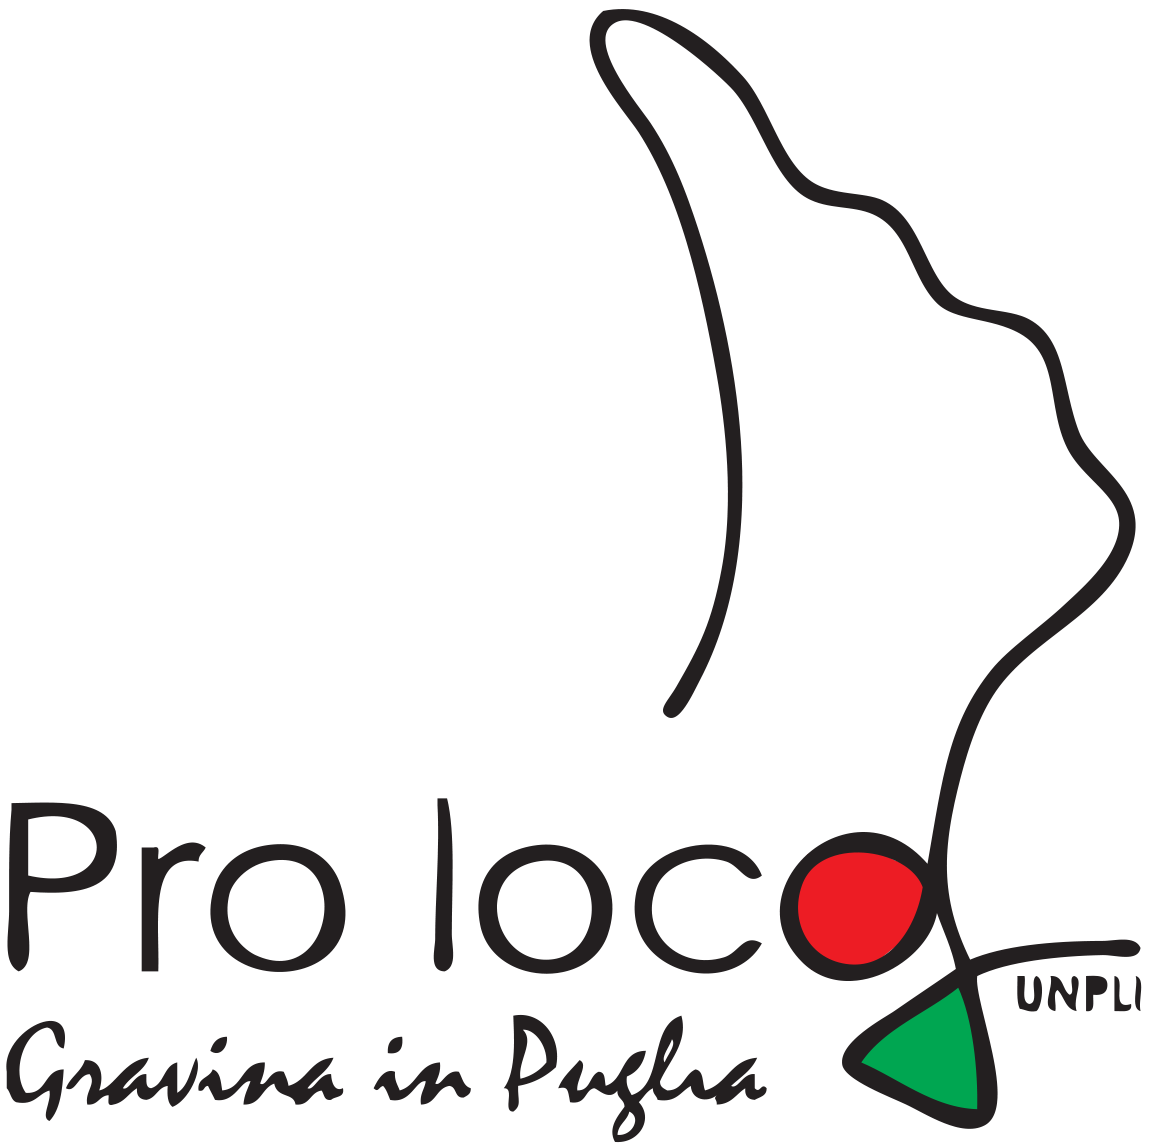 Pro Loco UNPLI Gravina in Puglia (BA)